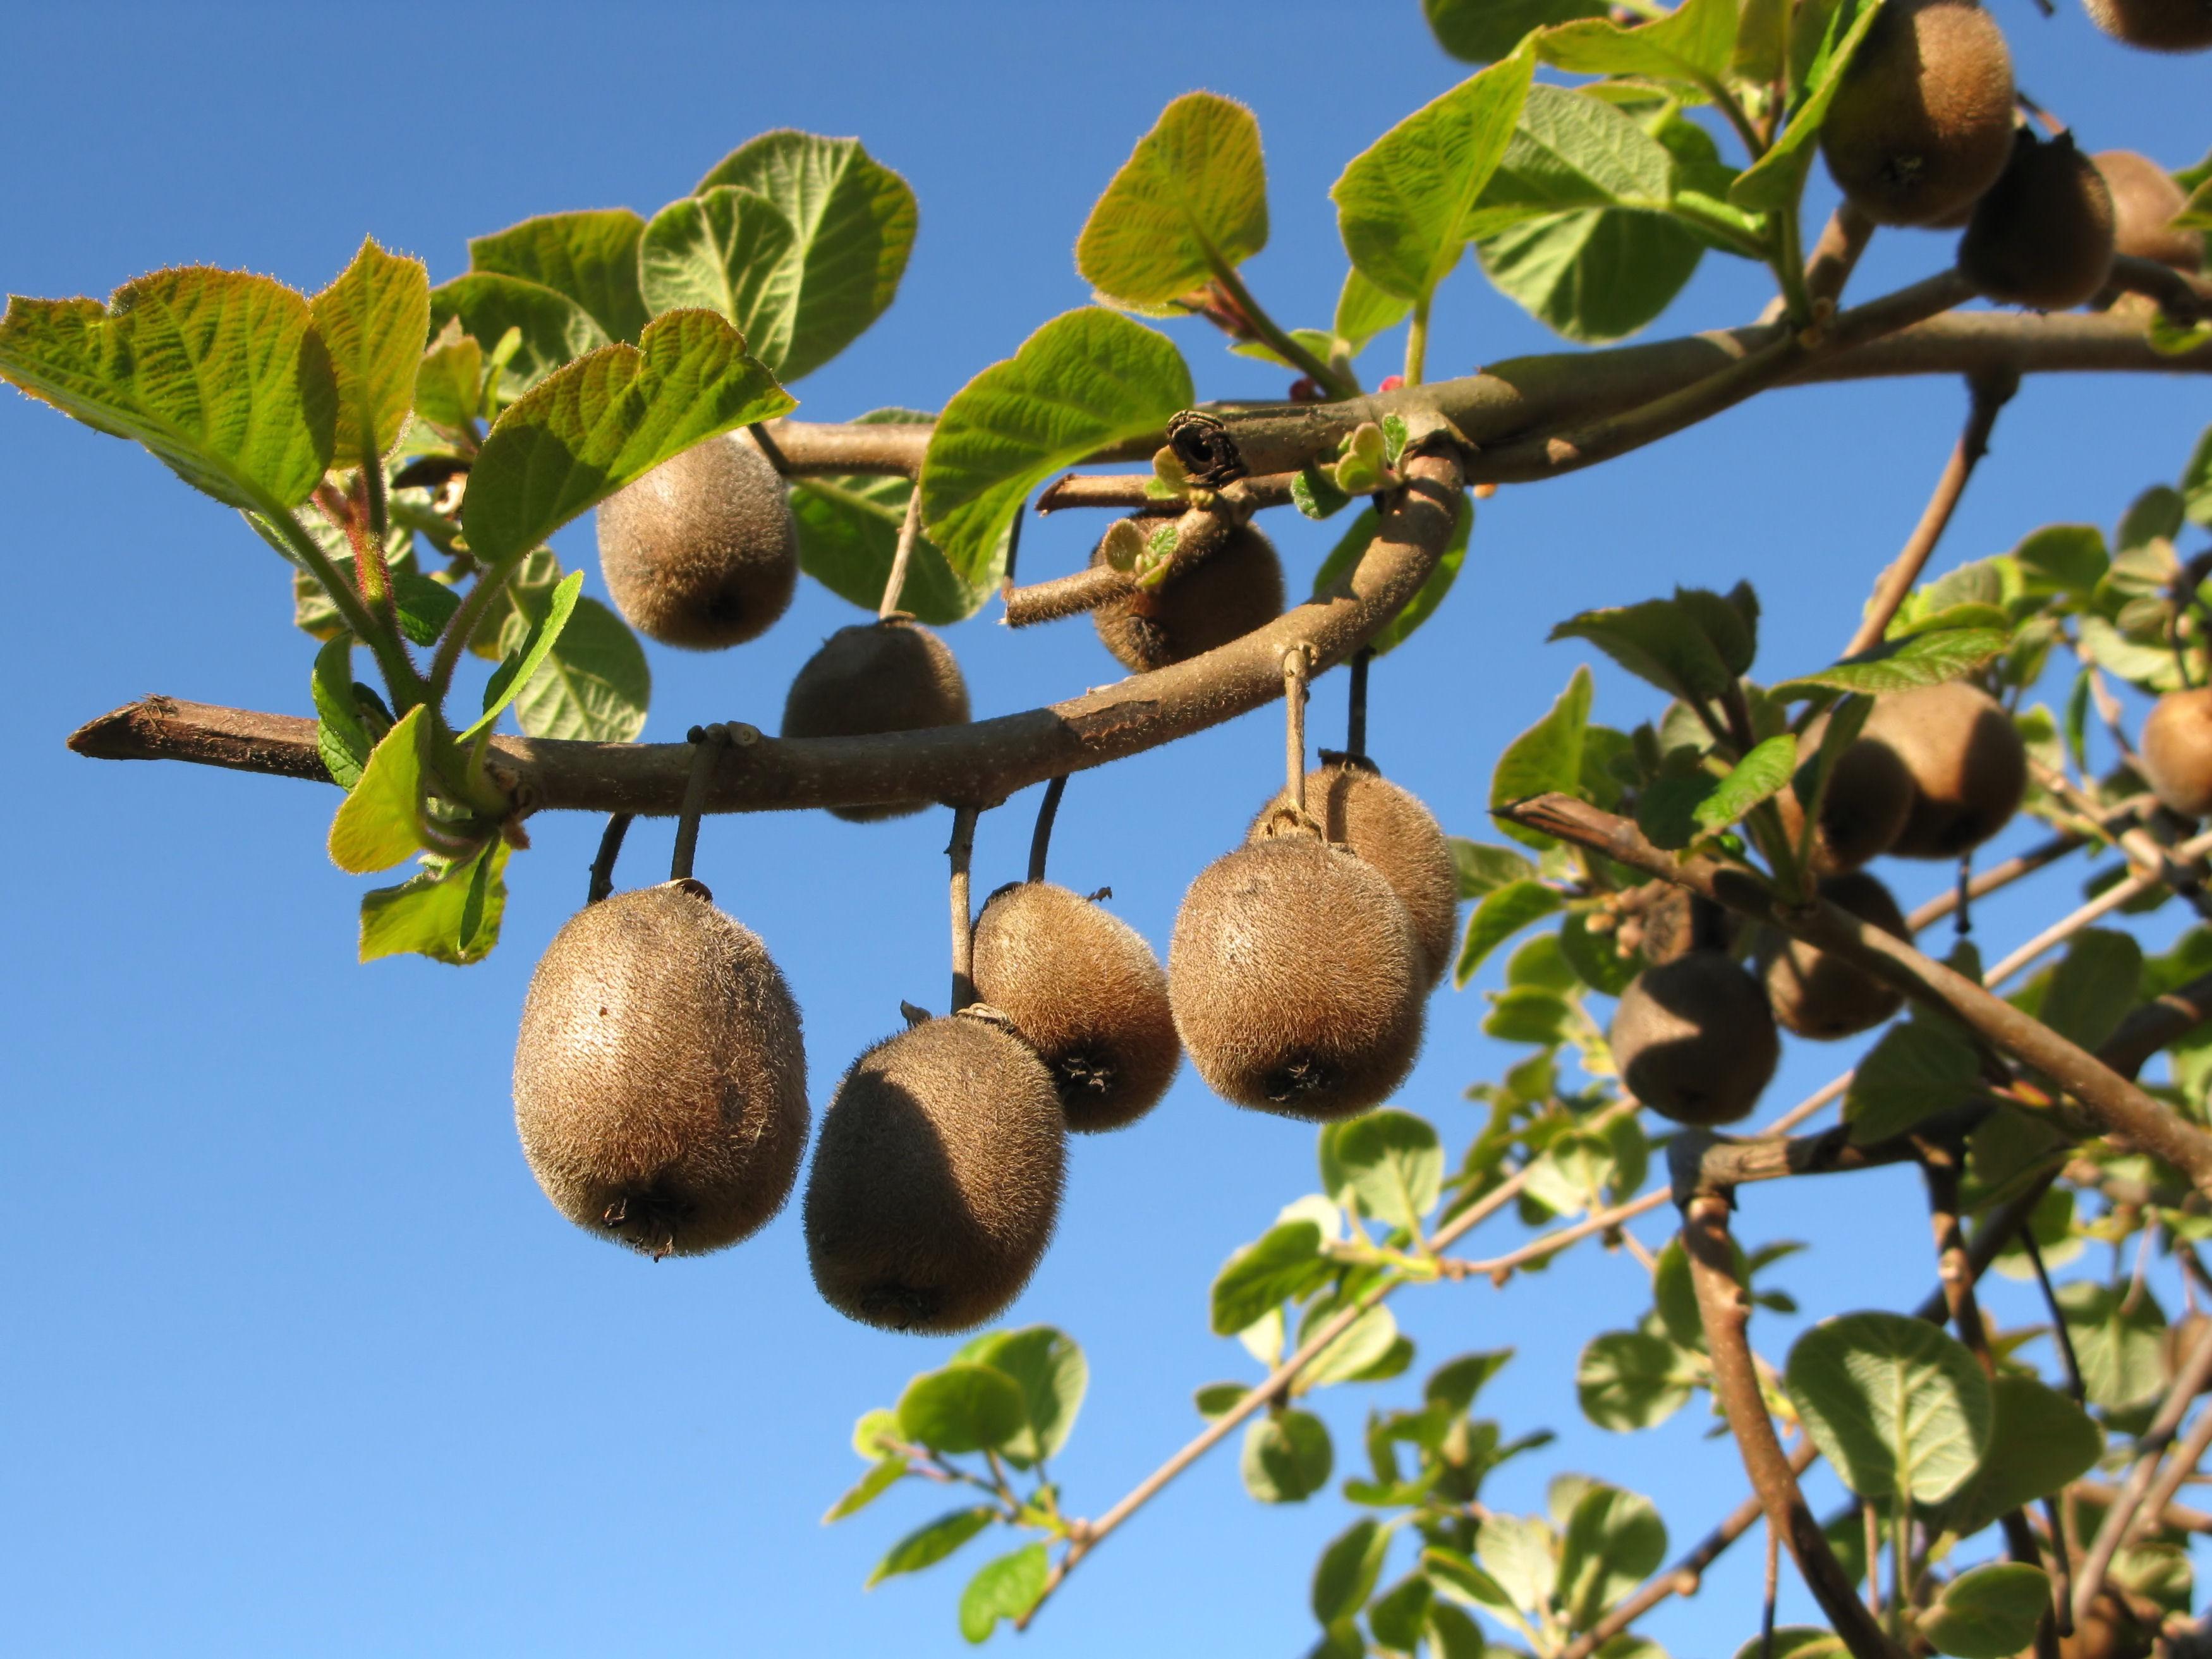 аврора дерево киви в картинках народному